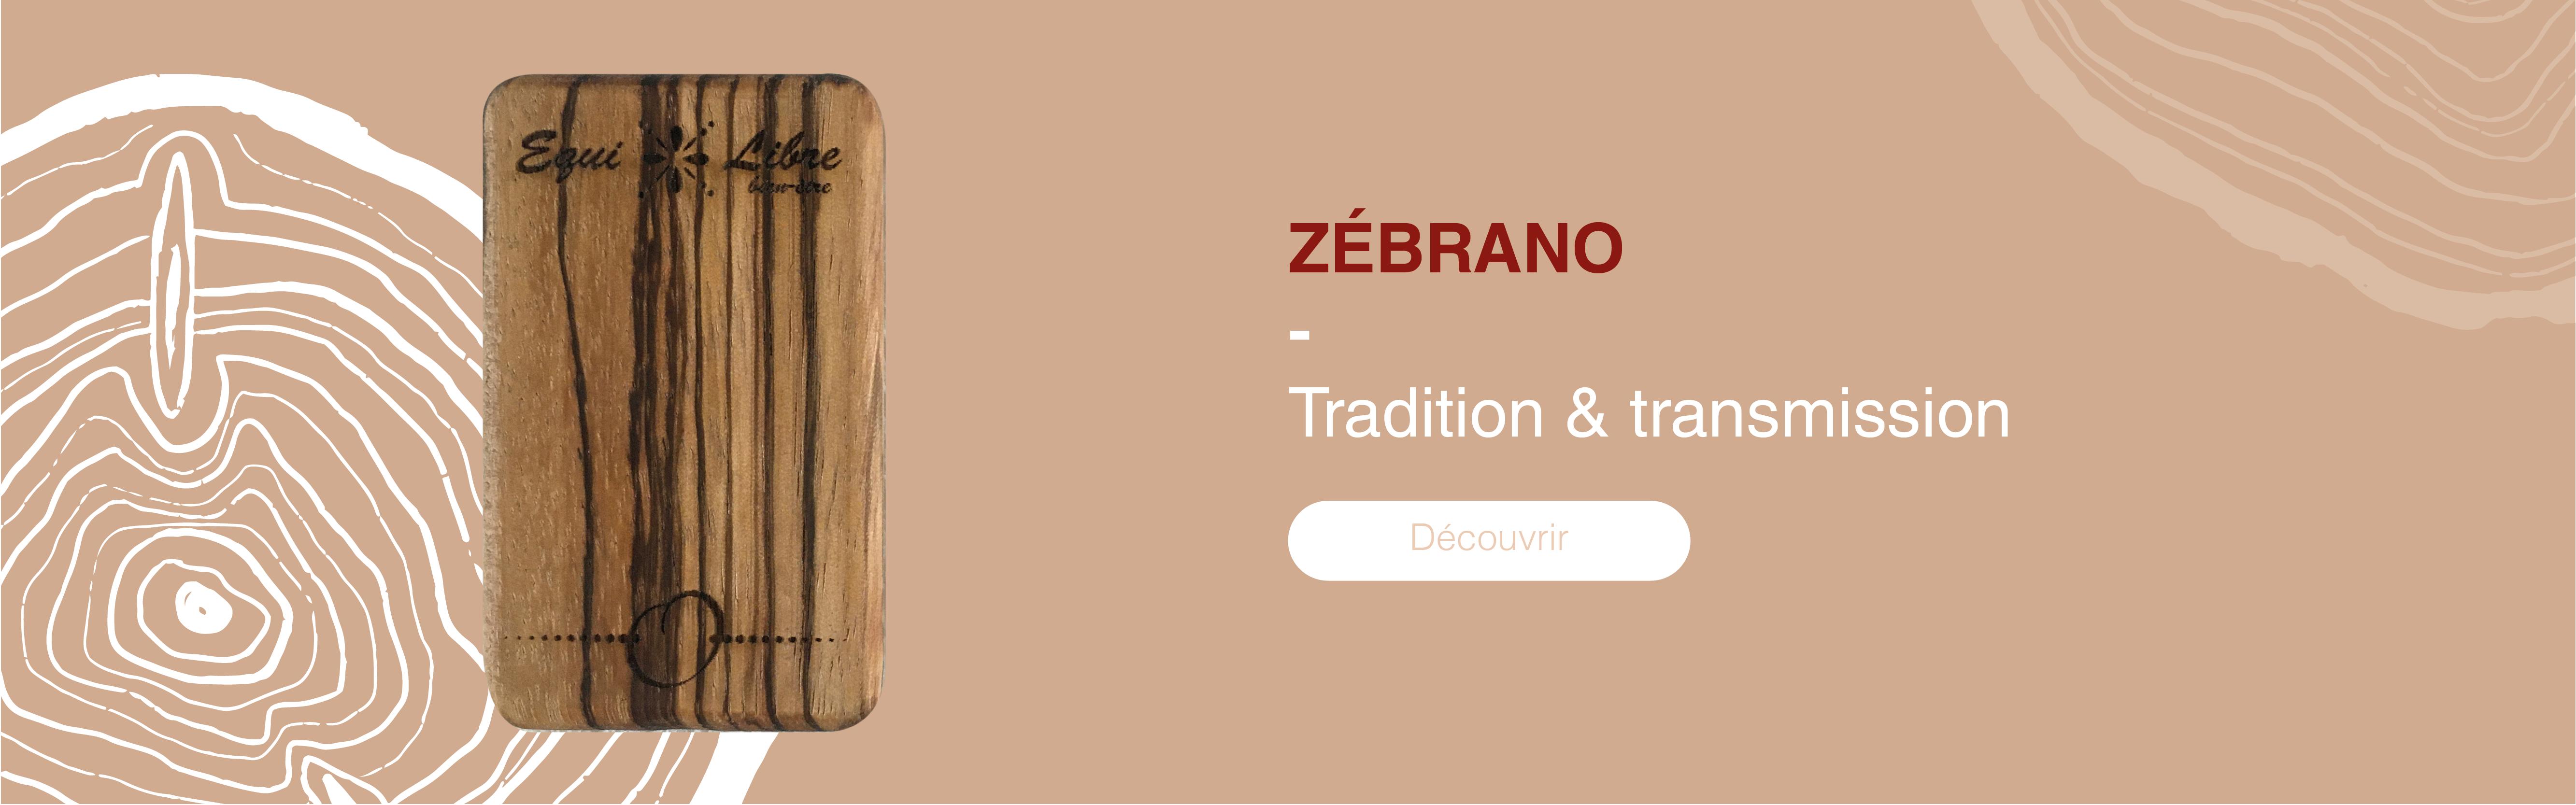 ZEBRANO-banner-equilibre-bien-etre-equi-libre-frederic-myotte-duquet-amalia-développement-personnel